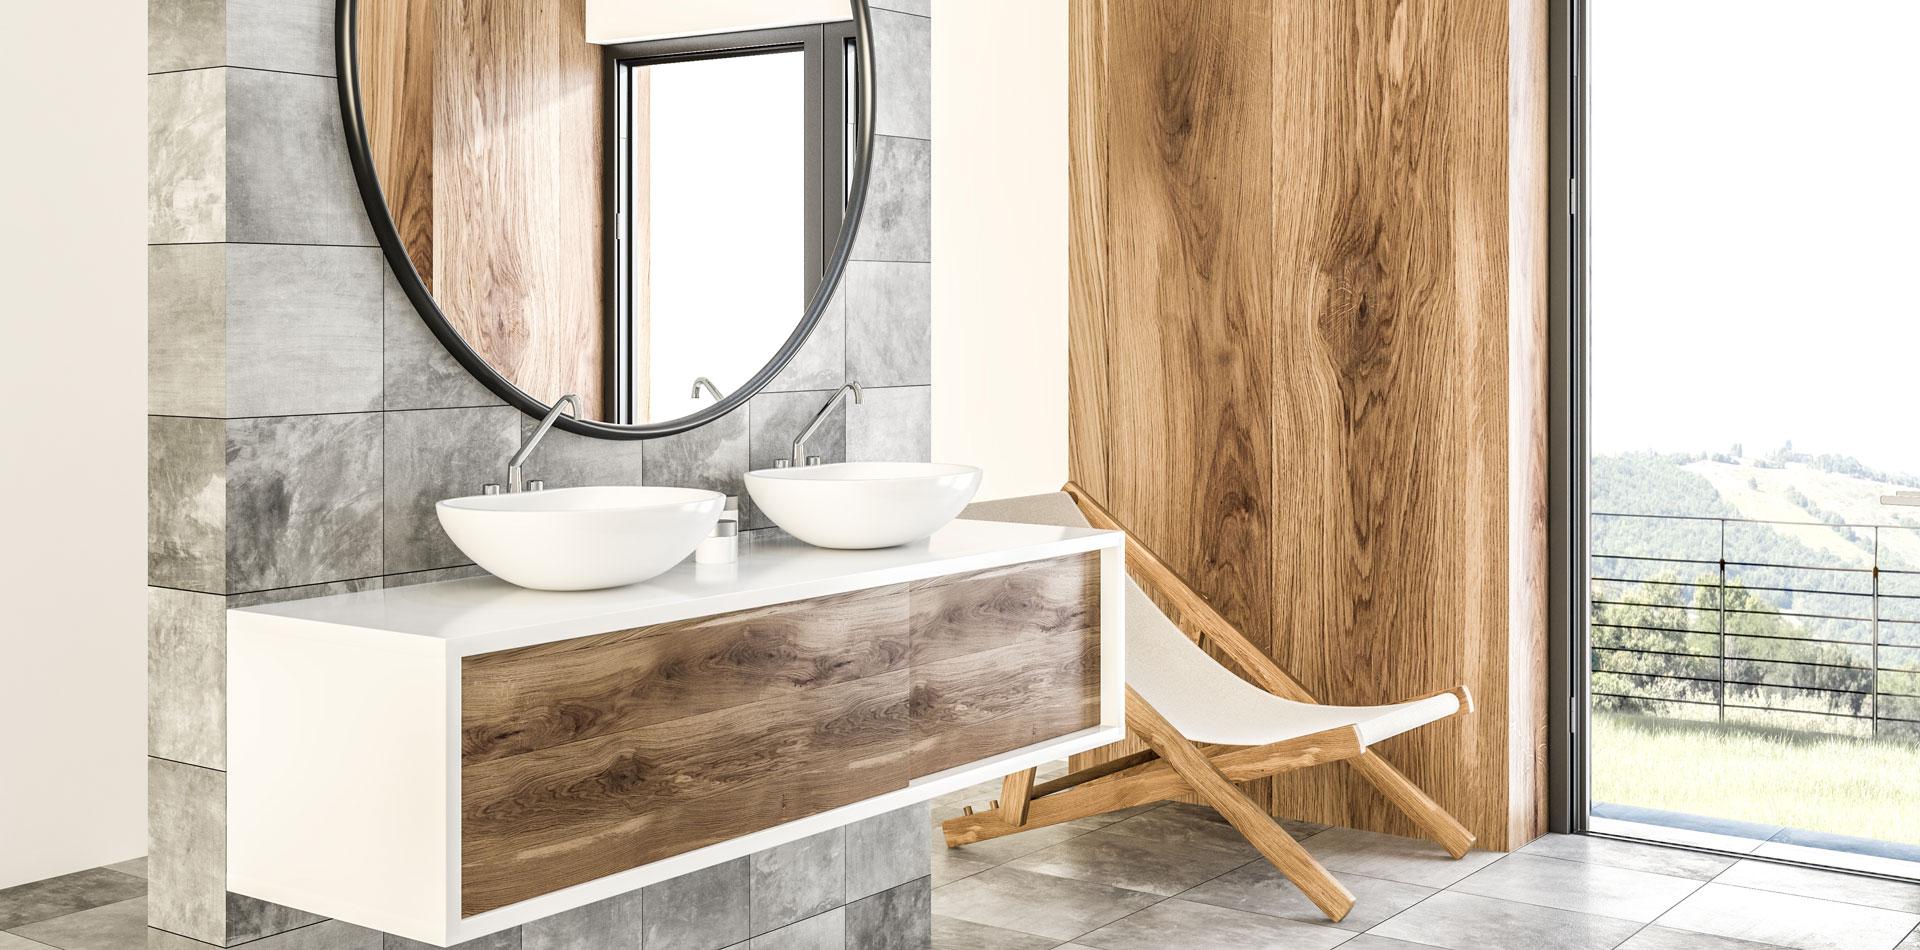 Traumbad 4 You - Badezimmergestaltung - Fliesen, Boden, Wände